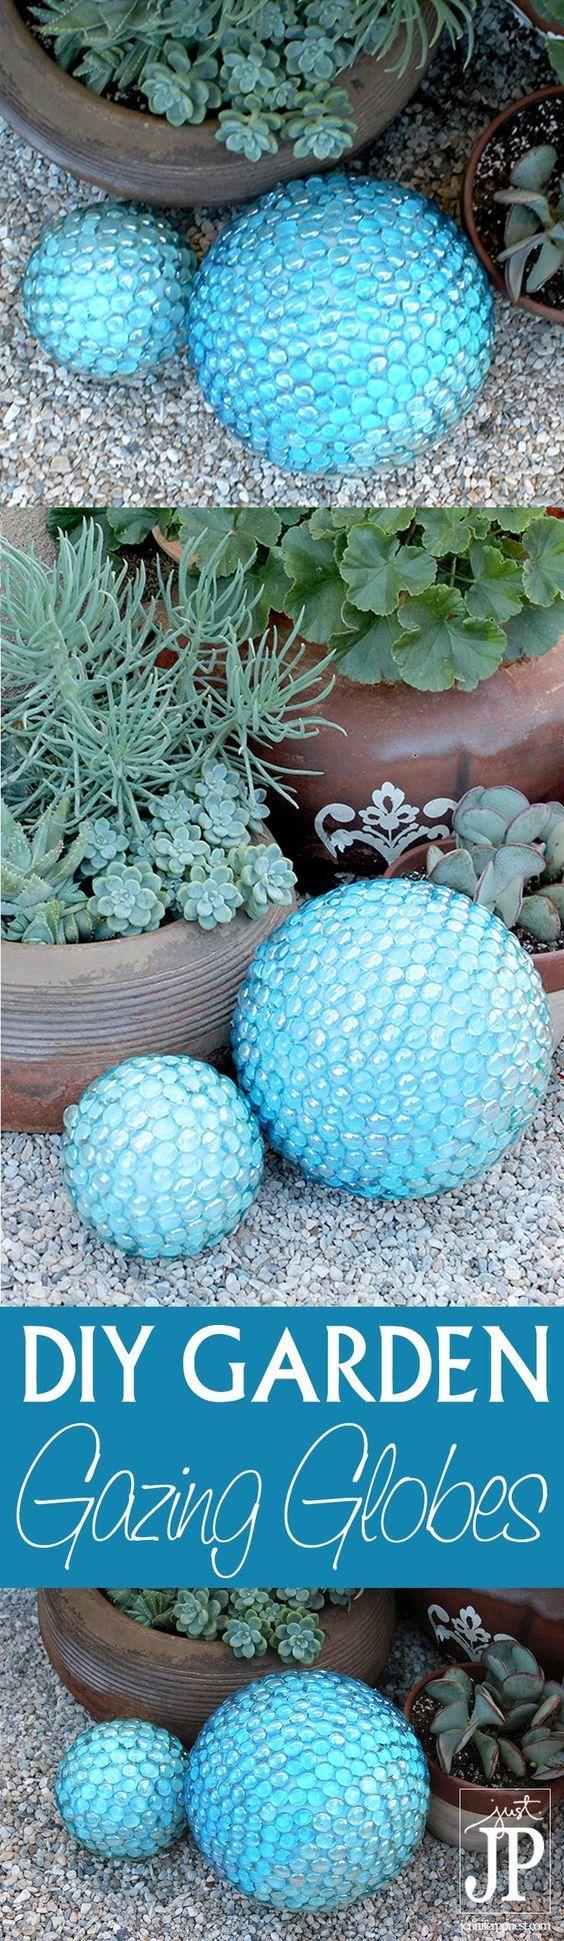 Diy garden decoration items - Diy Faux Gazing Ball For The Garden